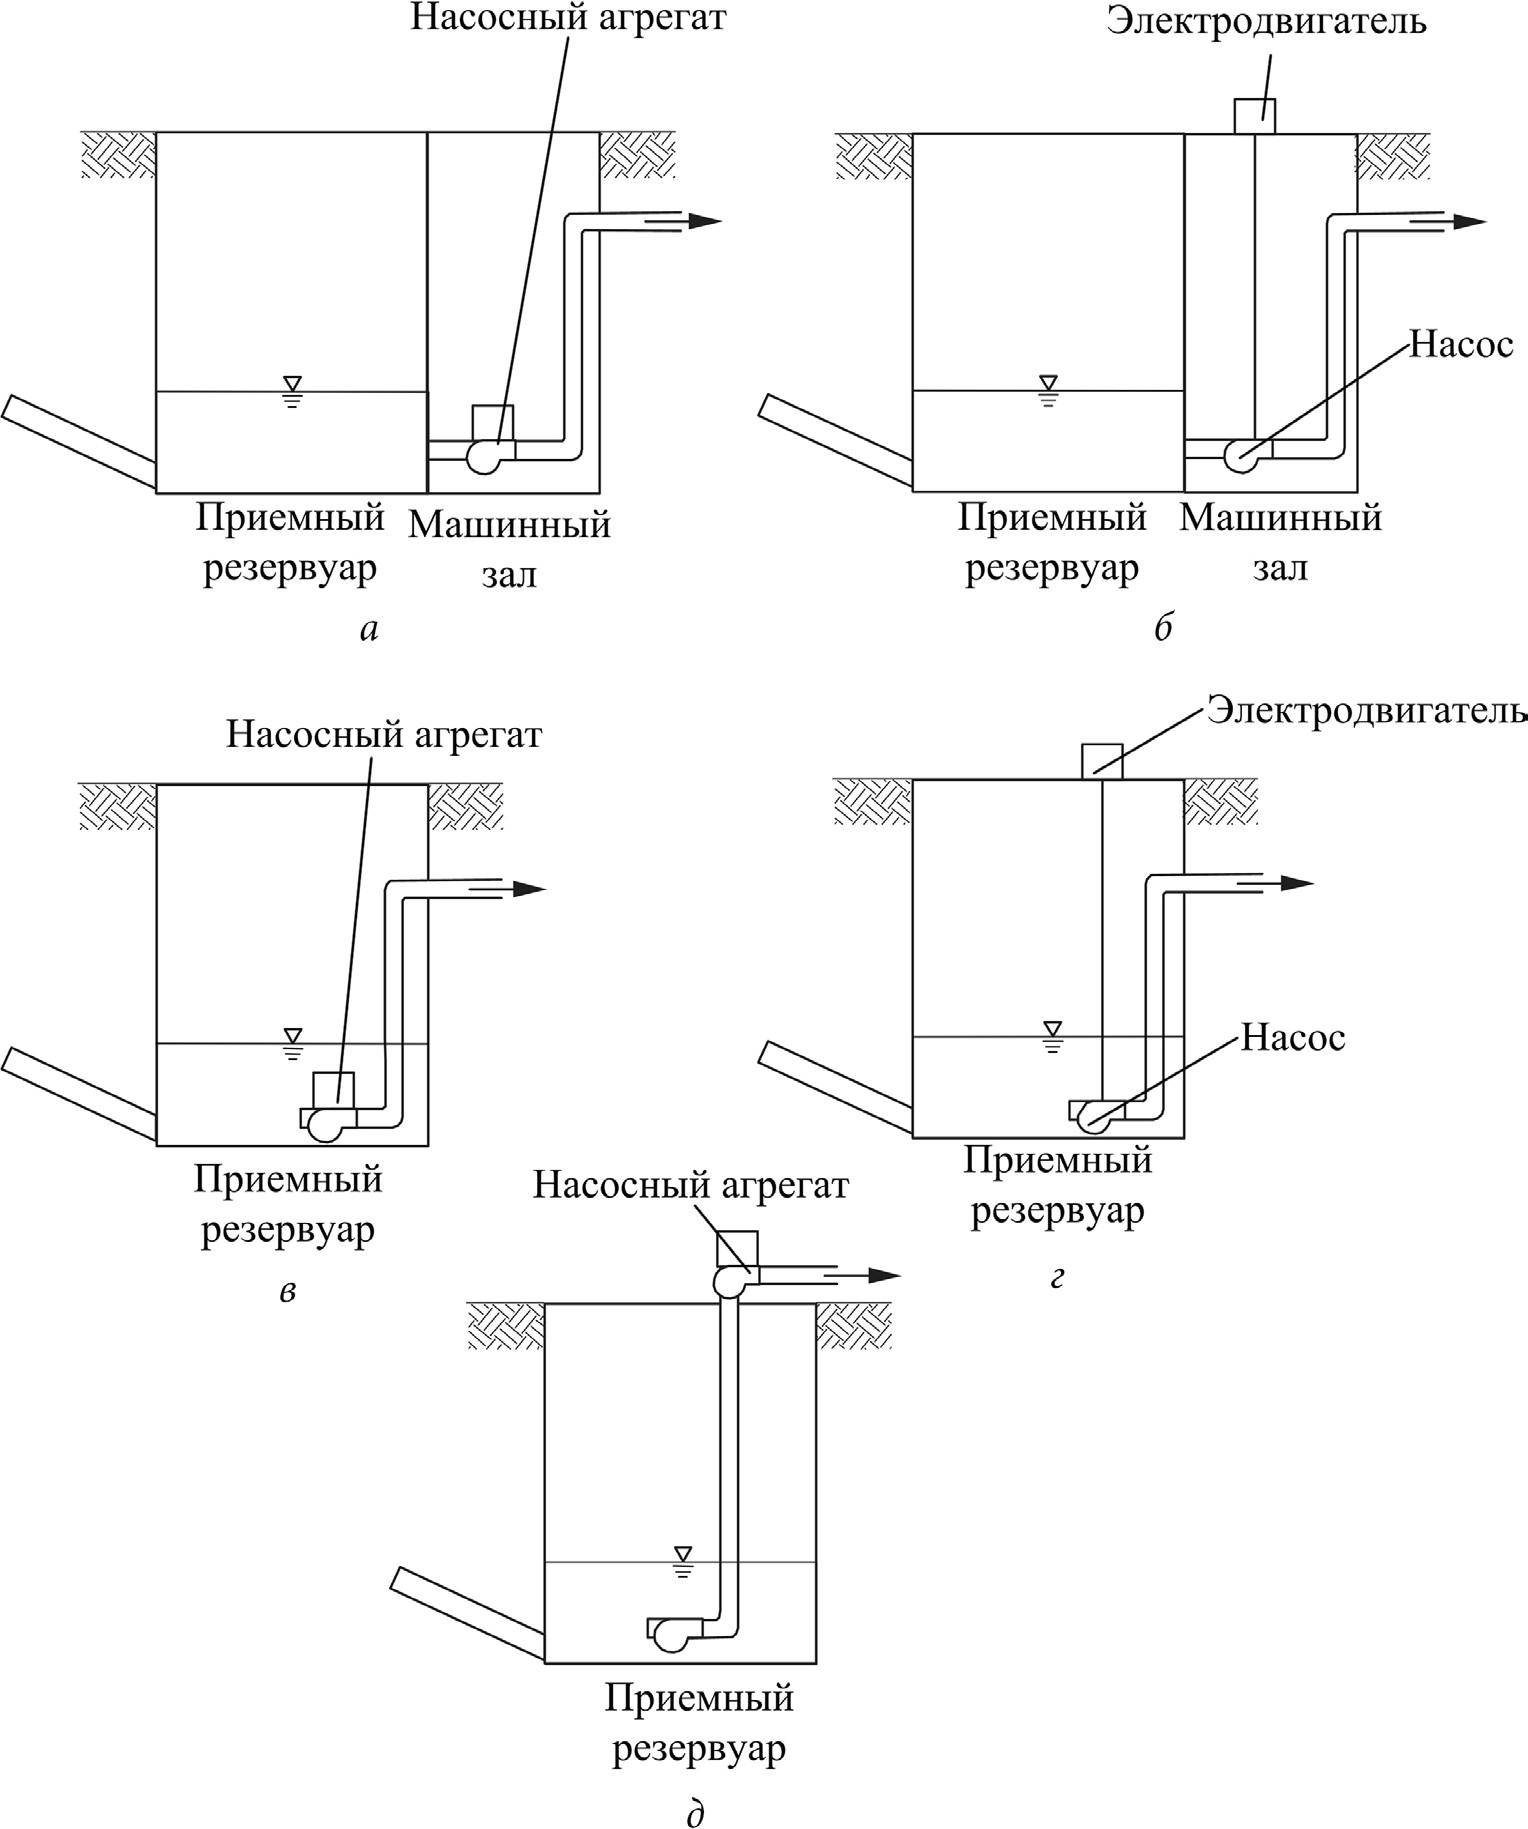 Схемы размещения насосных агрегатов